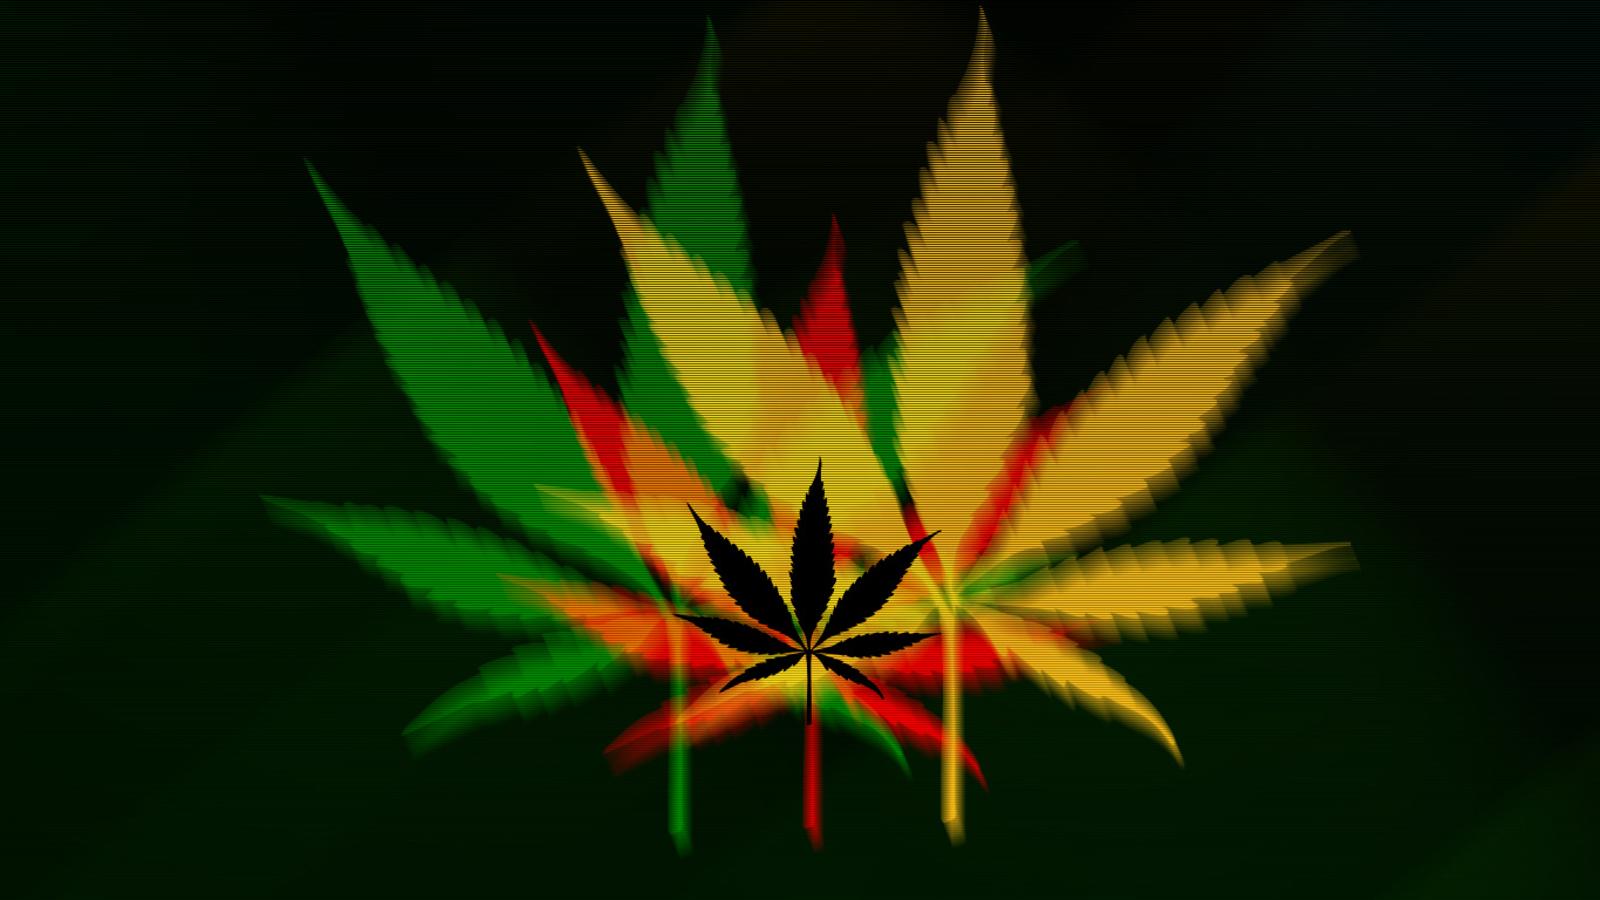 Weed Smoking HD Wallpapers | Надо купить | Pinterest | Smoking, Hd